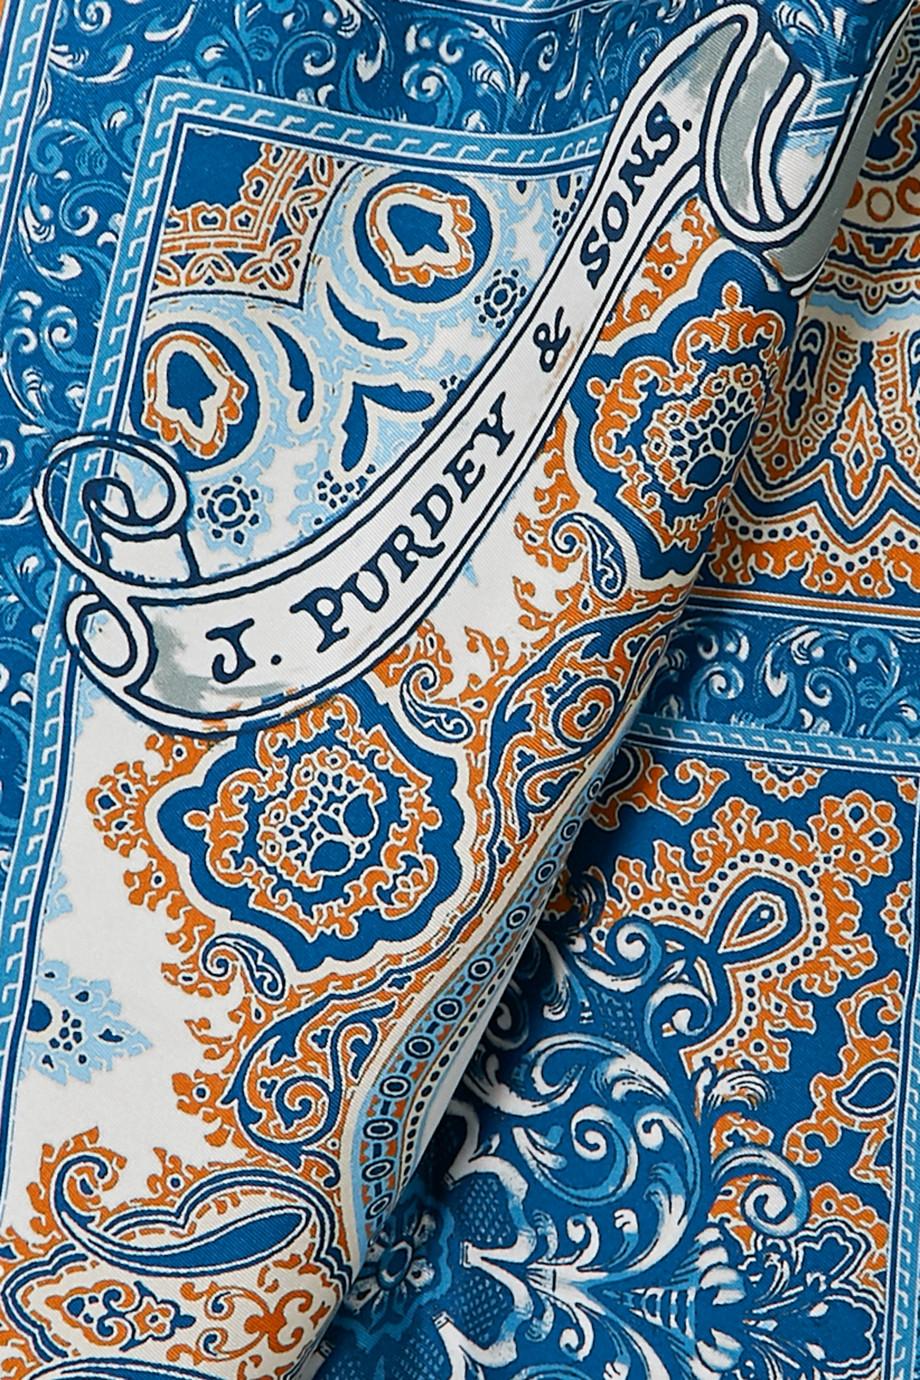 Purdey Foulard en serge de soie imprimée